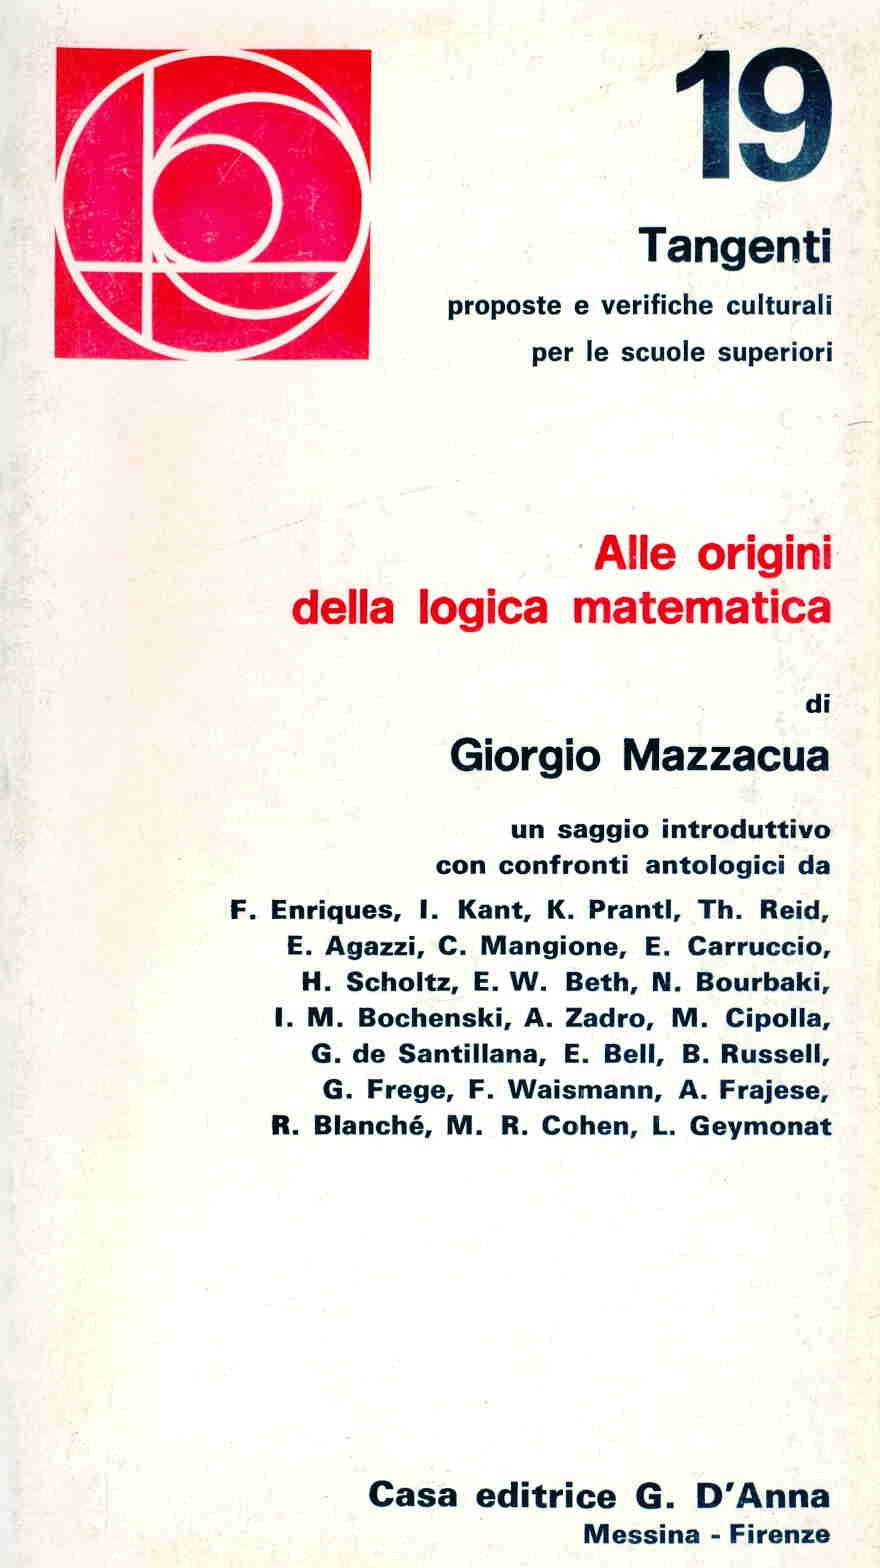 Alle origini della logica matematica